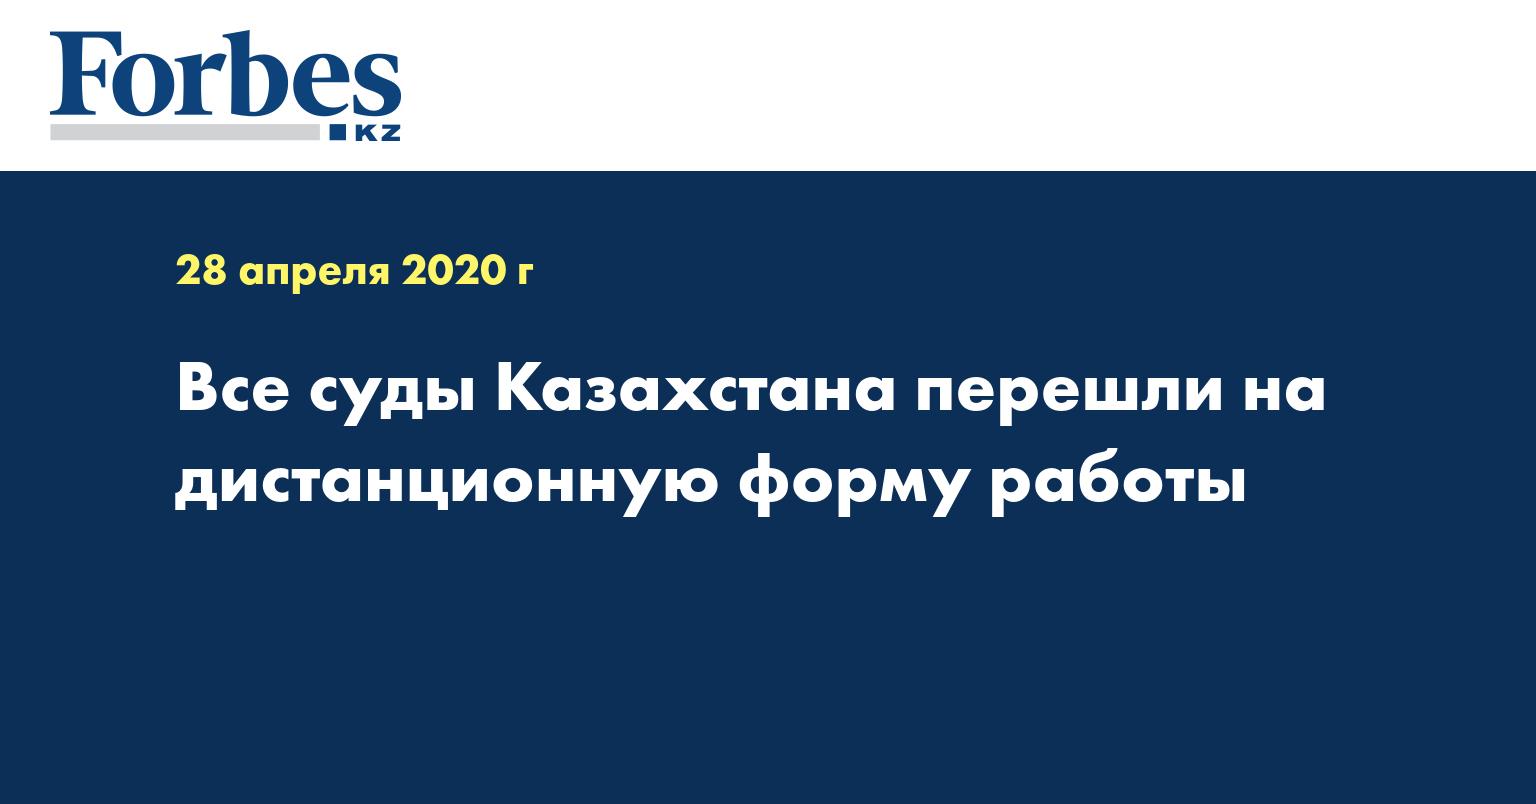 Все суды Казахстана перешли на дистанционную форму работы